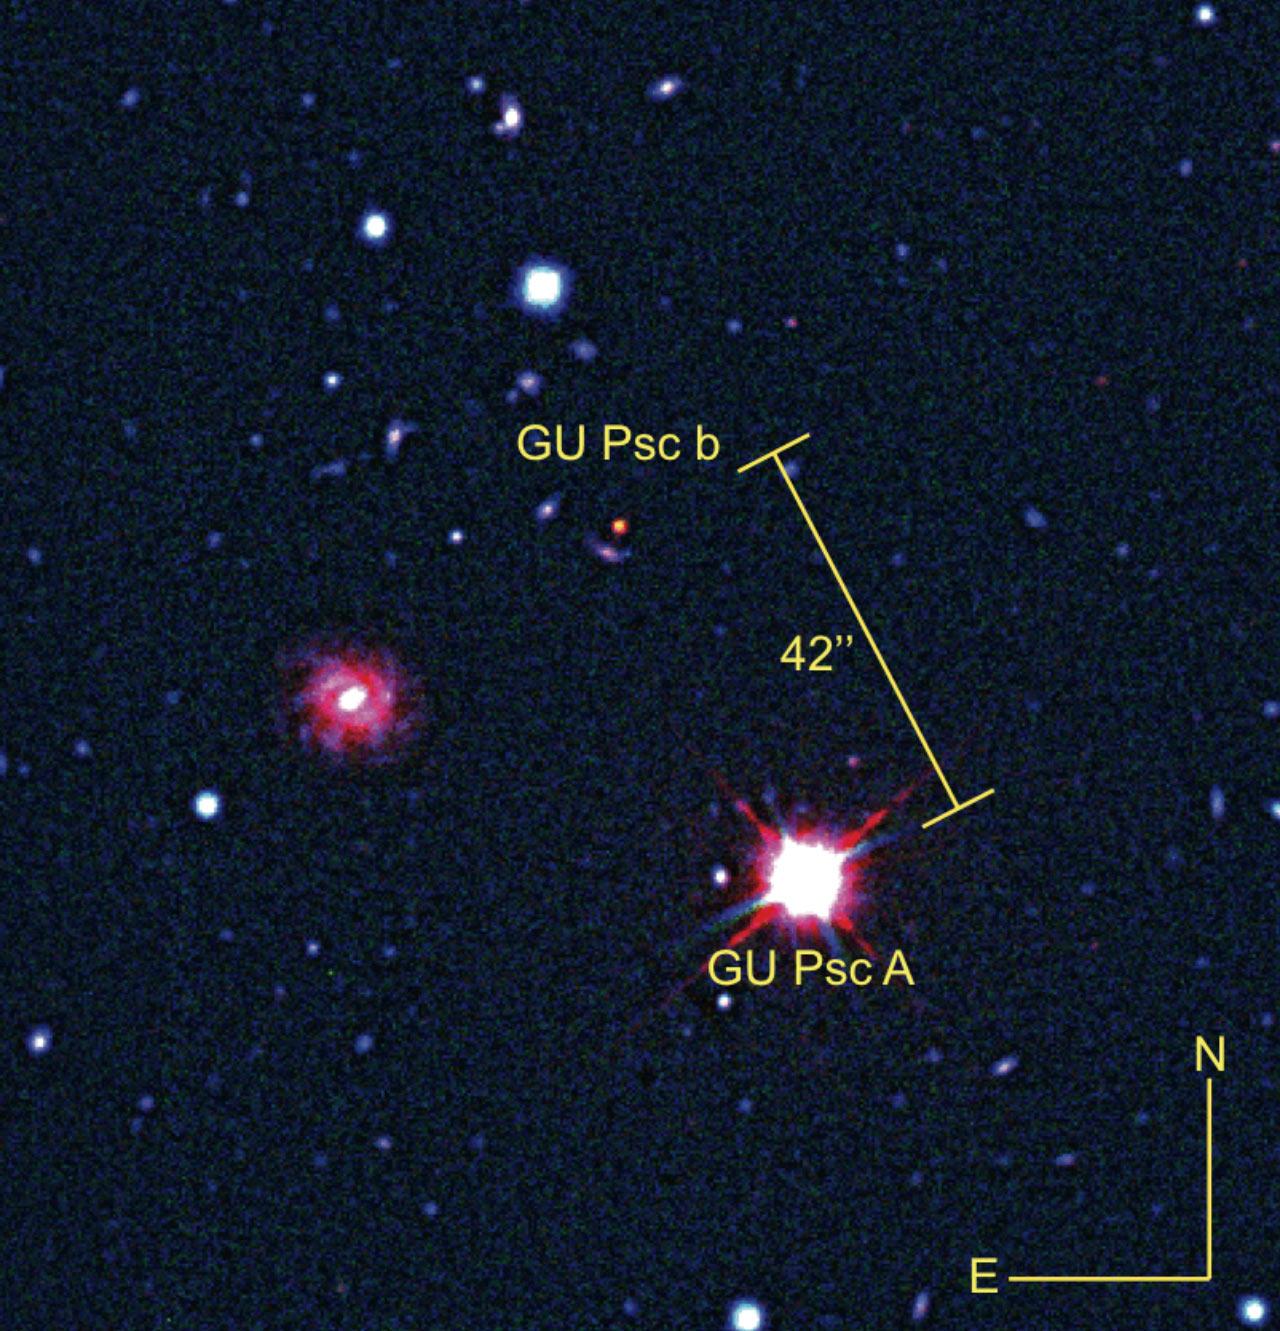 Это составное изображение показывает экзопланету GU Psc b и материнскую звезду